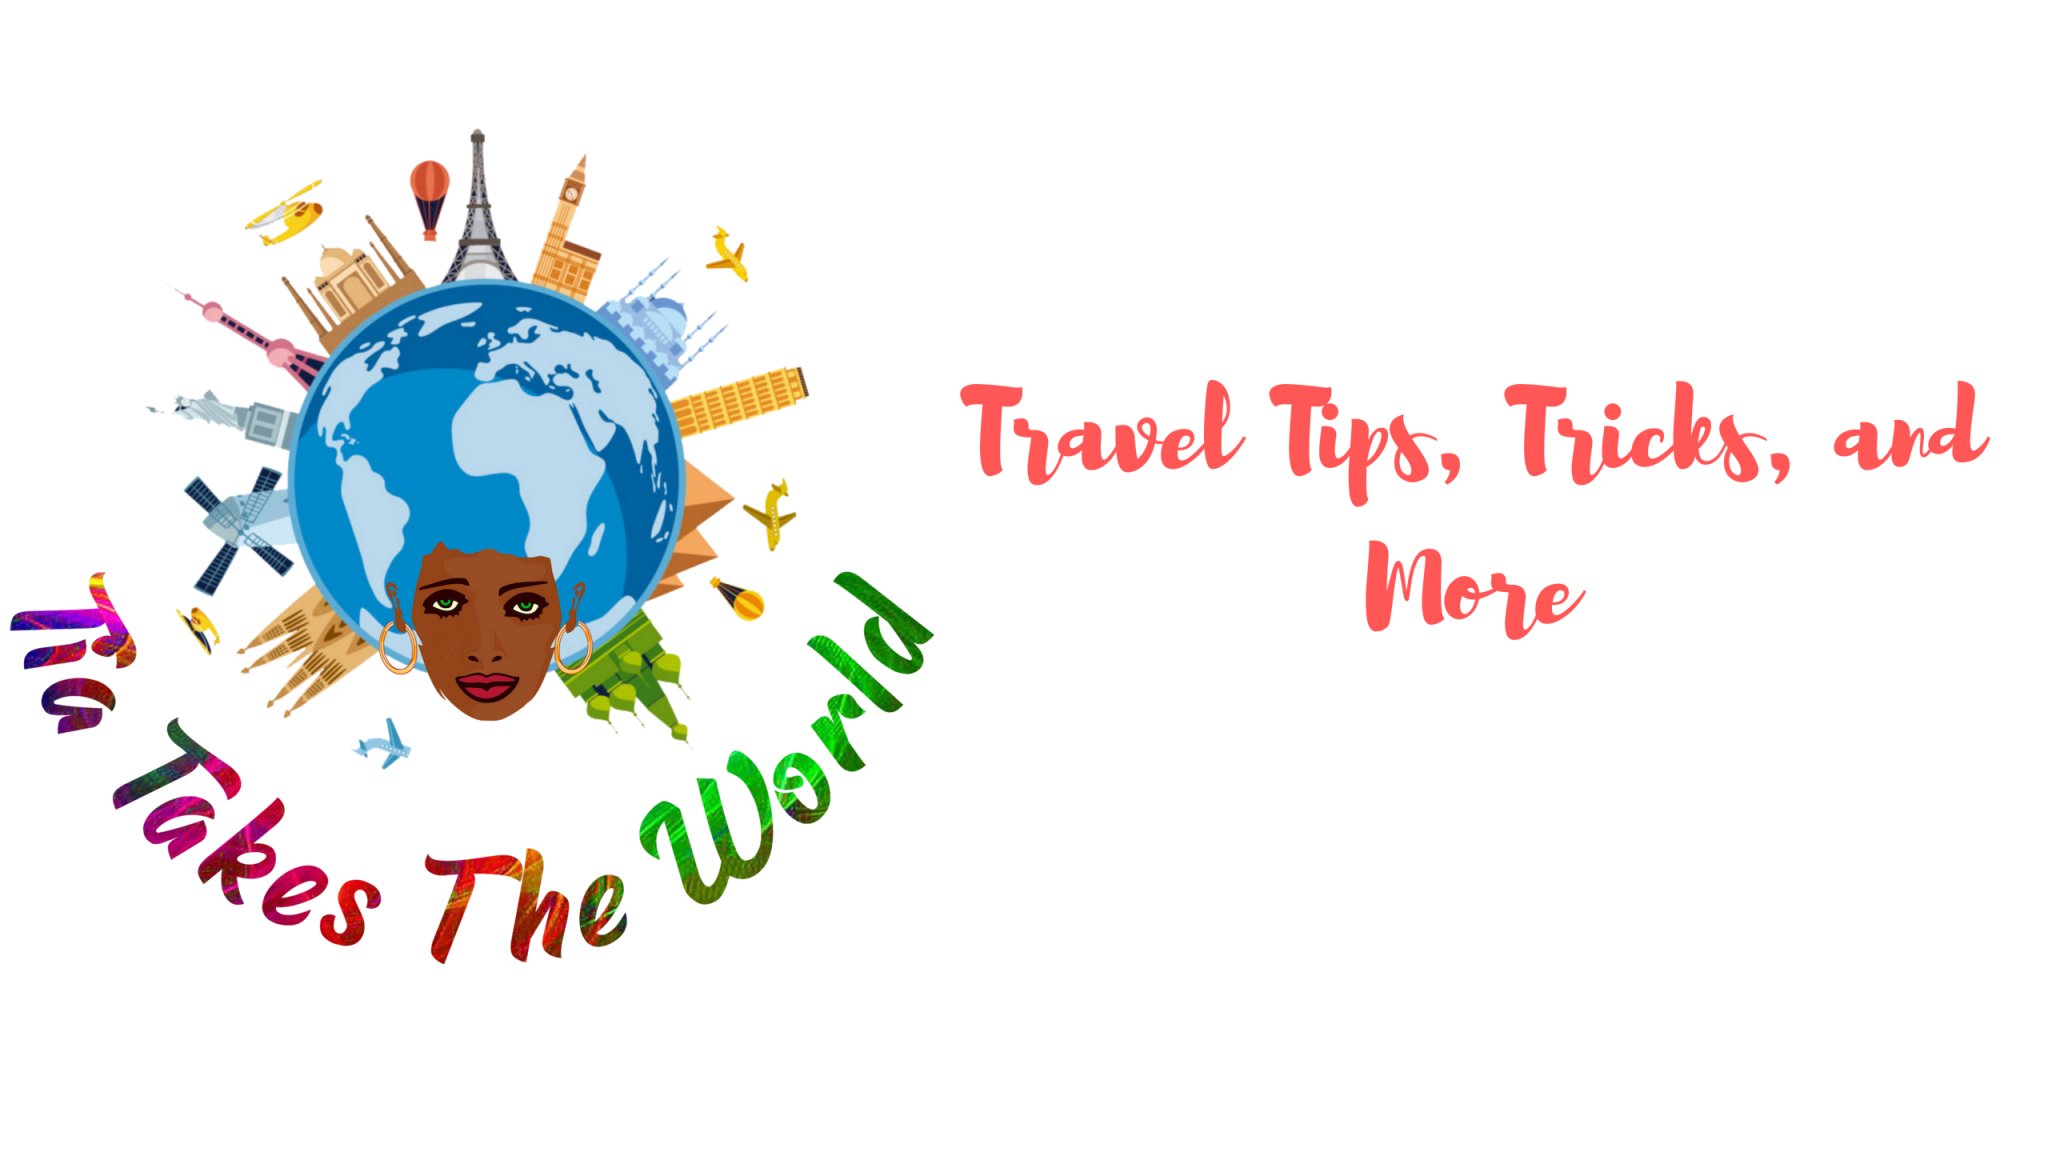 Tia Takes The World